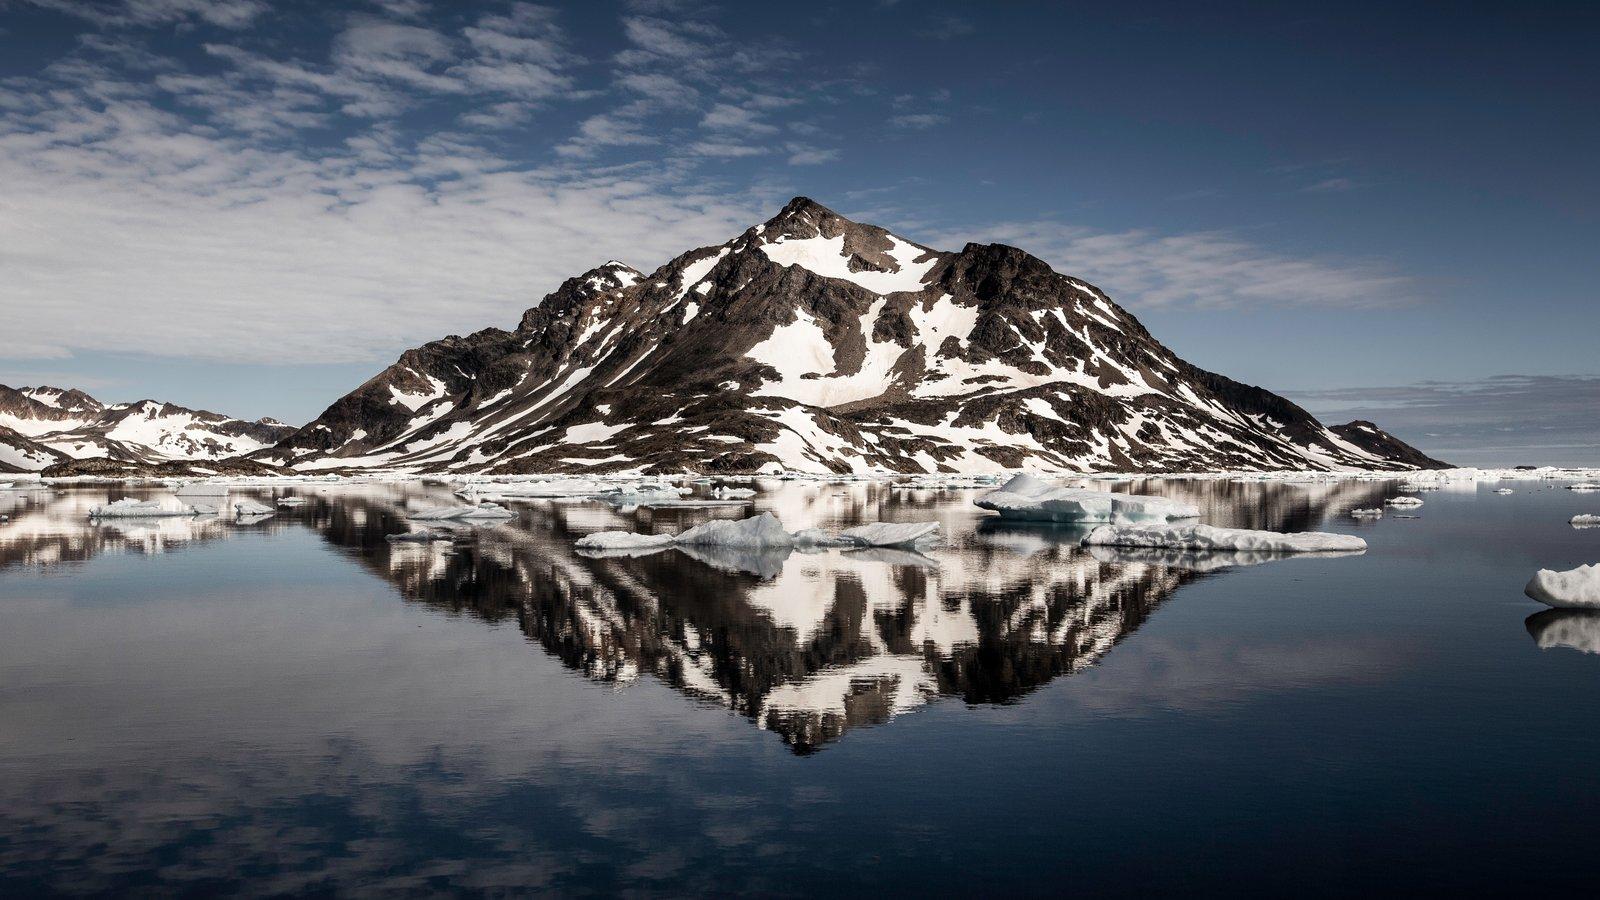 Groenlandia que incluye nieve, vistas de paisajes y un lago o abrevadero